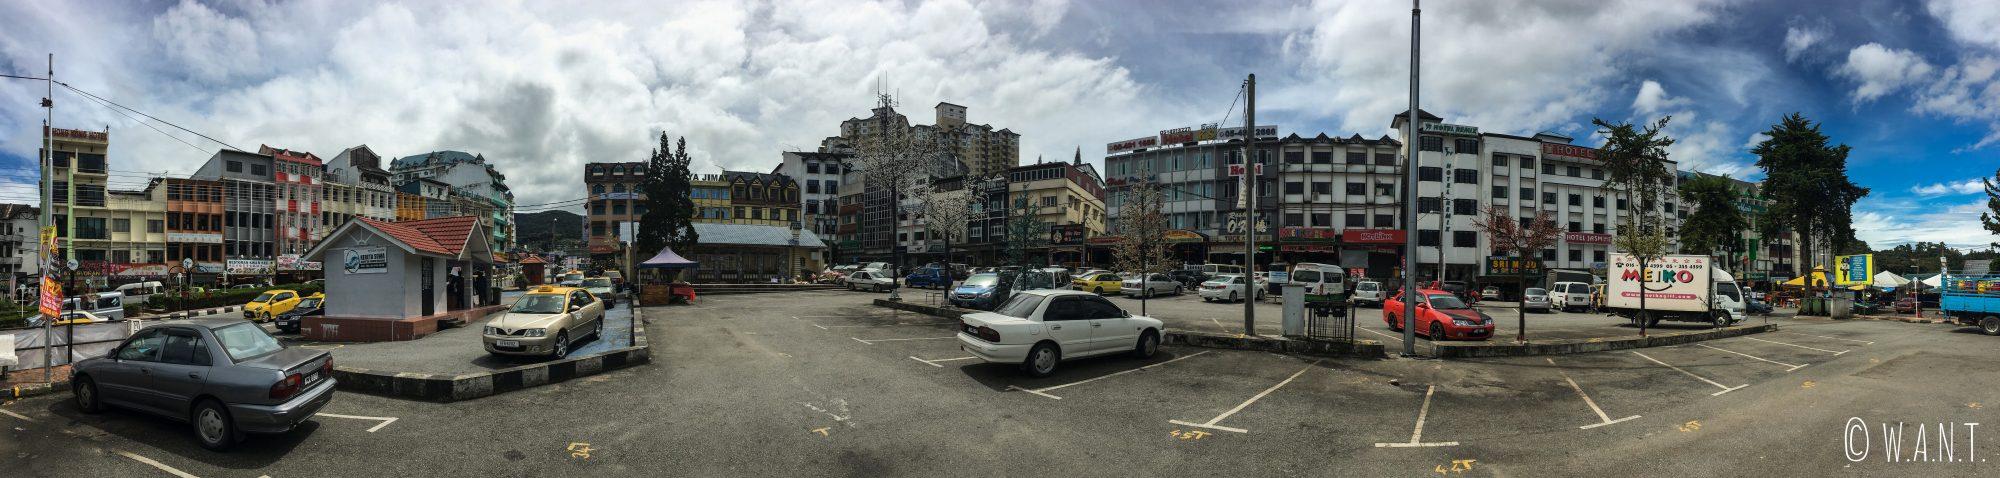 Panorama sur la place centrale de Brinchang qui n'est autre qu'un parking